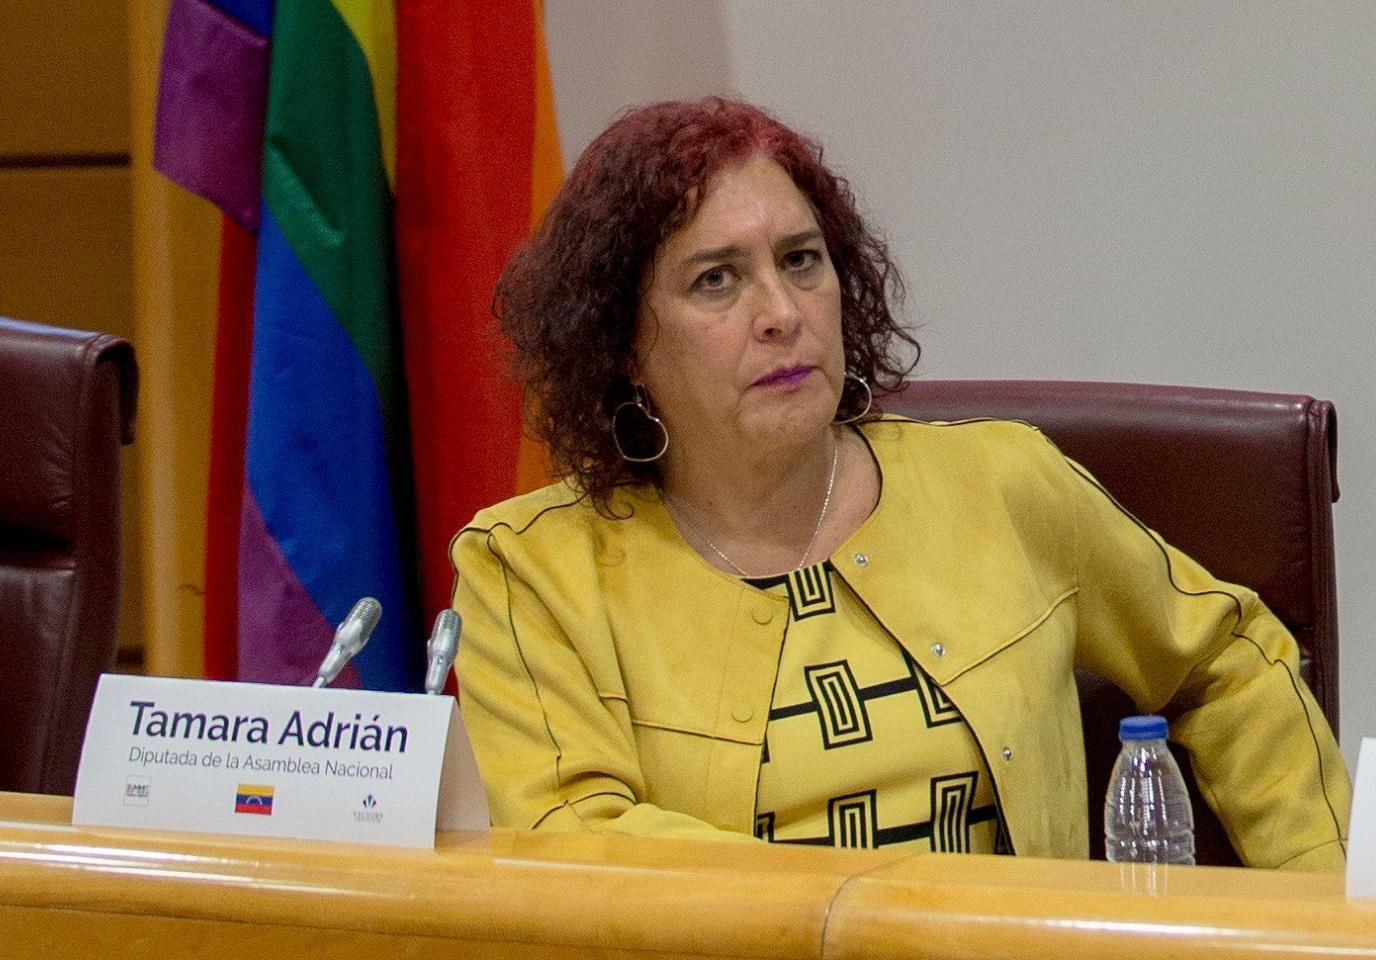 """Tamara Adrián: """"Seguir donde estamos es la muerte"""" / Foto: Madrid Summit"""